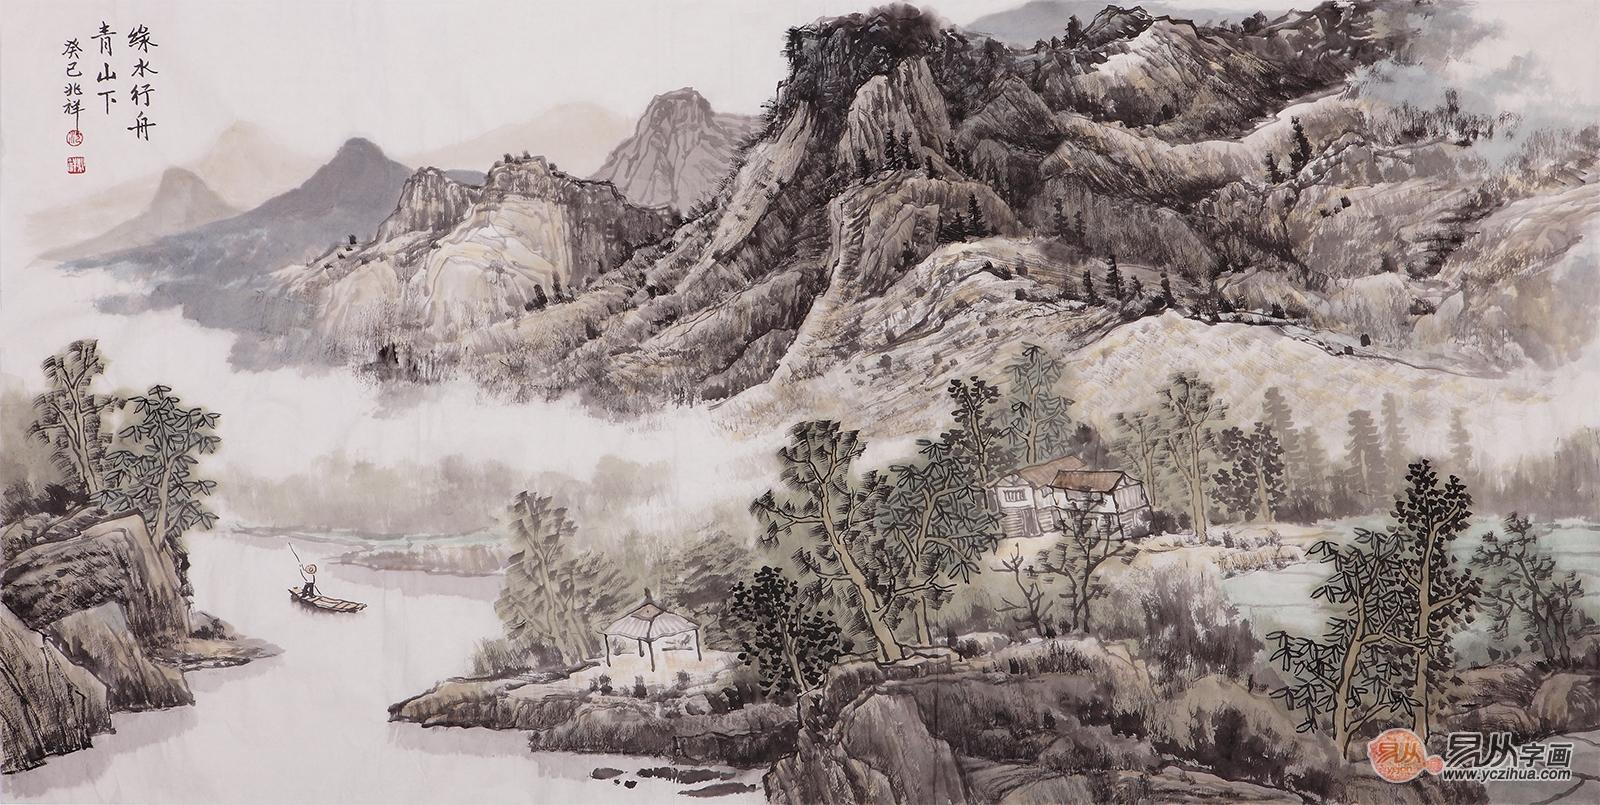 收藏佳作,沈兆祥有意境的山水画